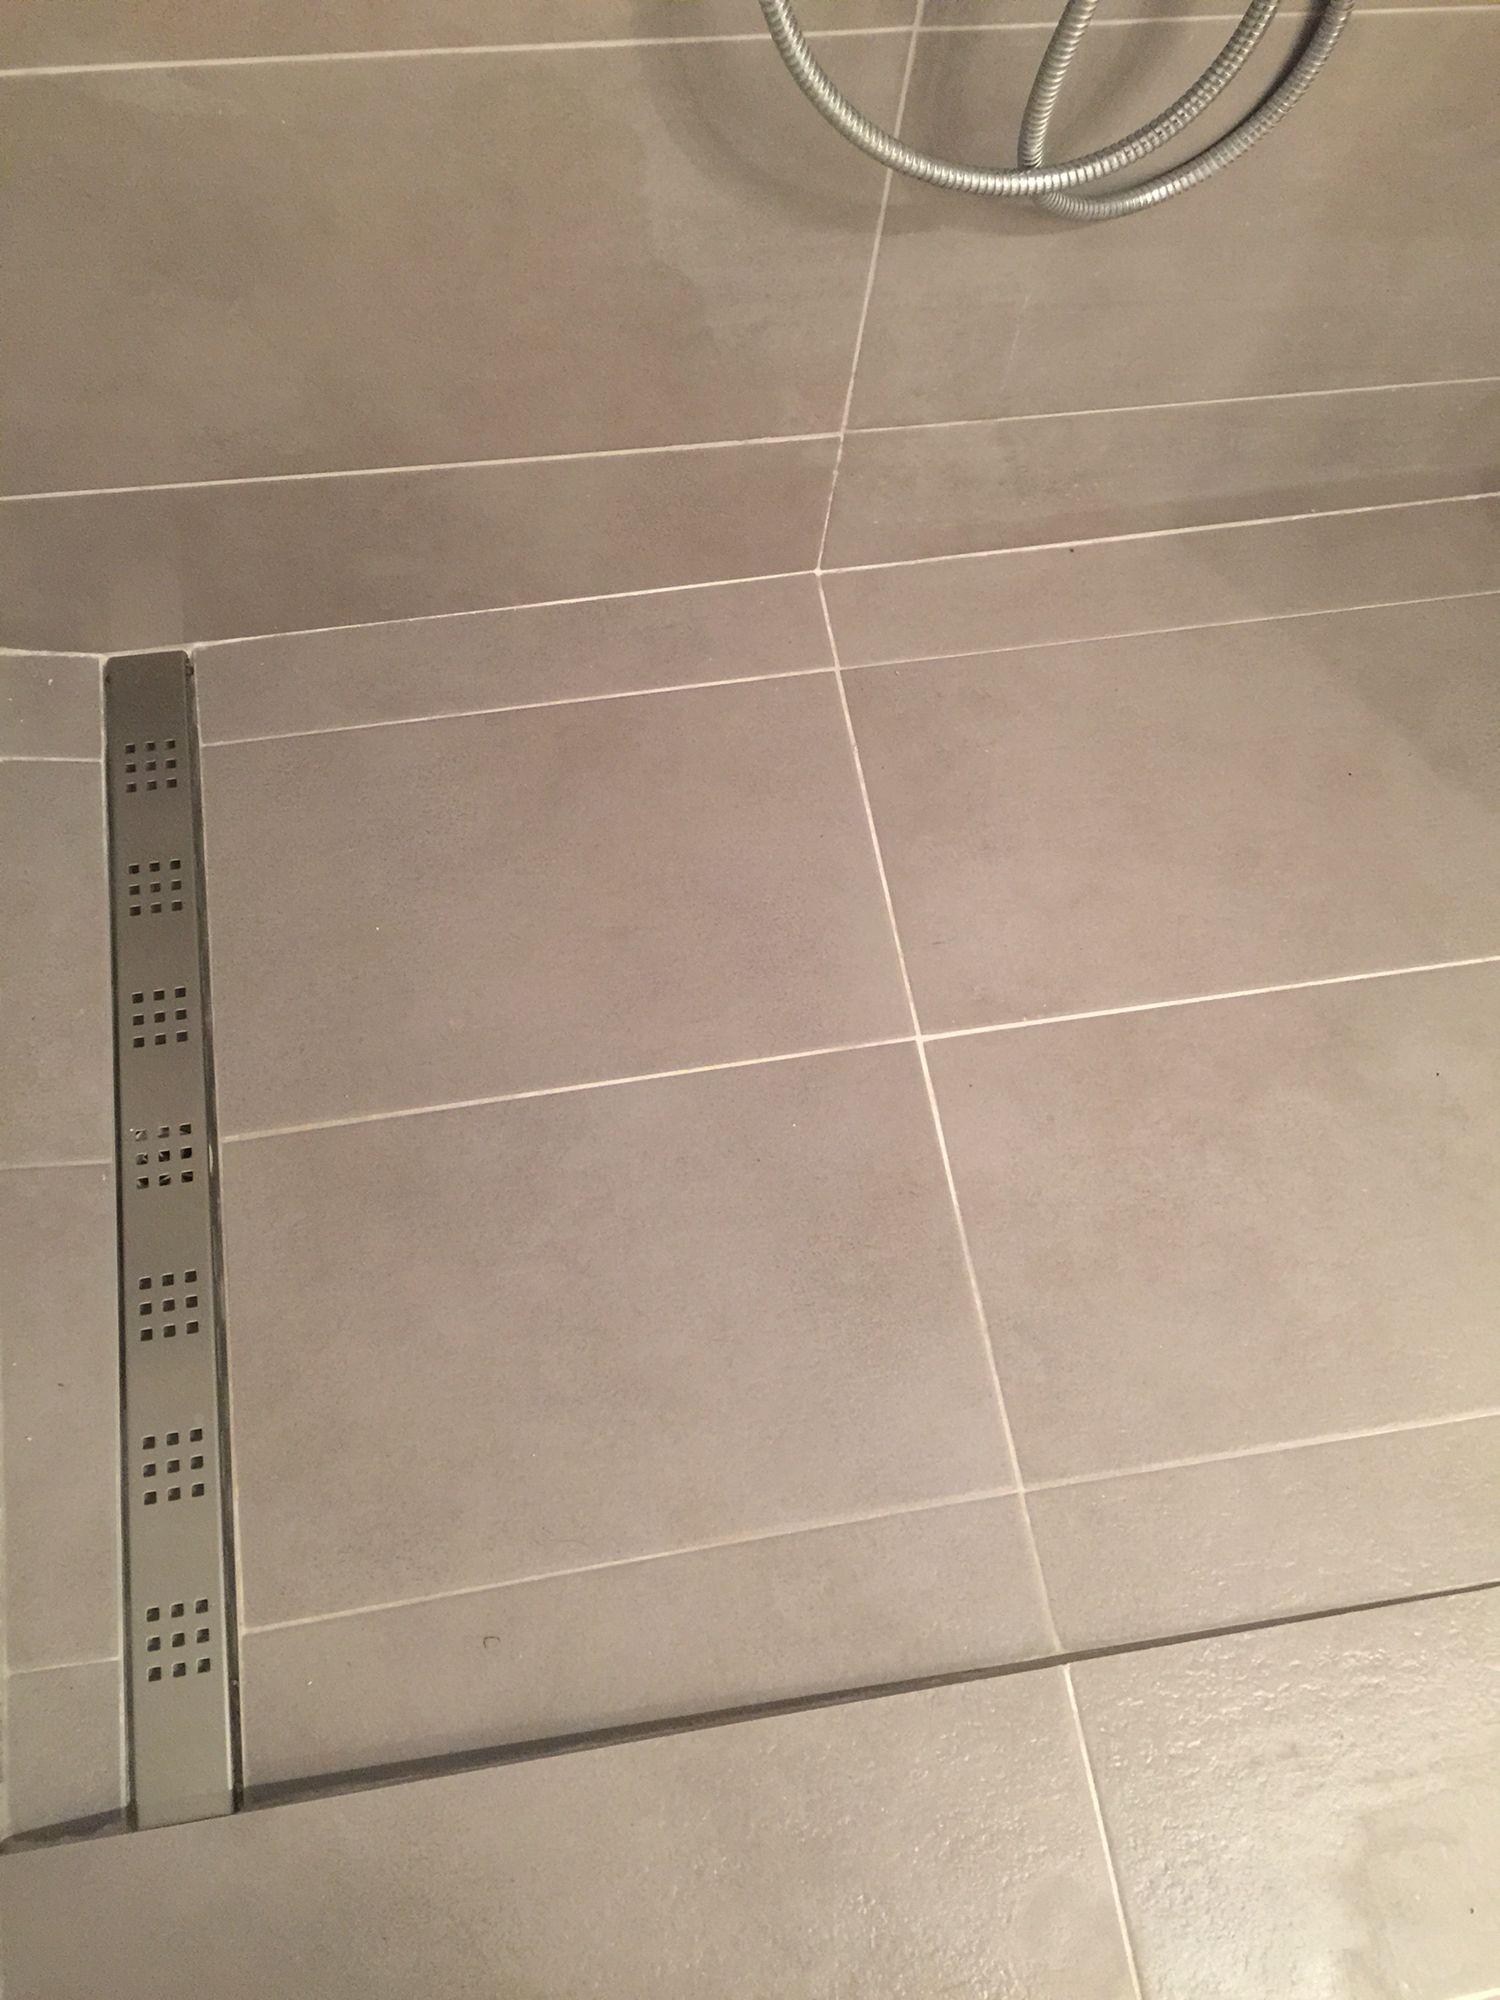 Plato de ducha obra pavimento formato grande continuo con for Modelos de banos con plato de ducha